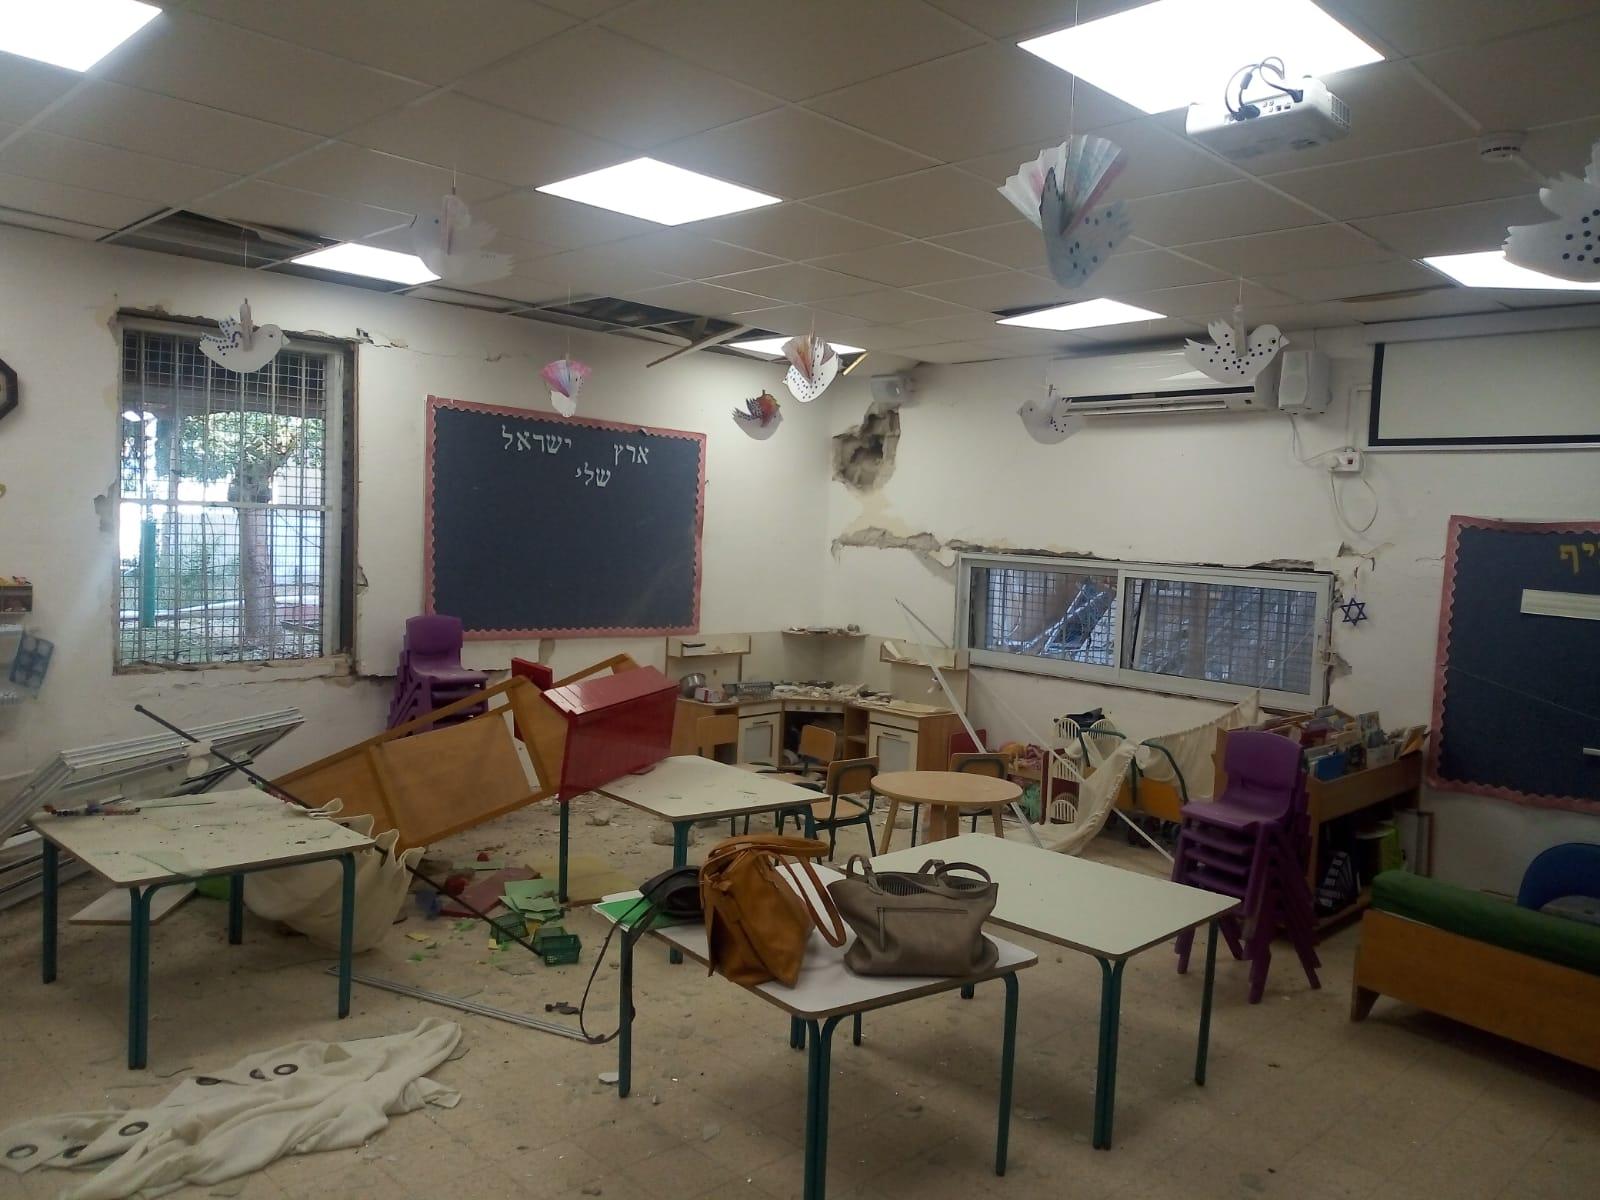 גן ילדים בשדרות שניזוק מרסיסי רקטה. צילום: עיריית שדרות